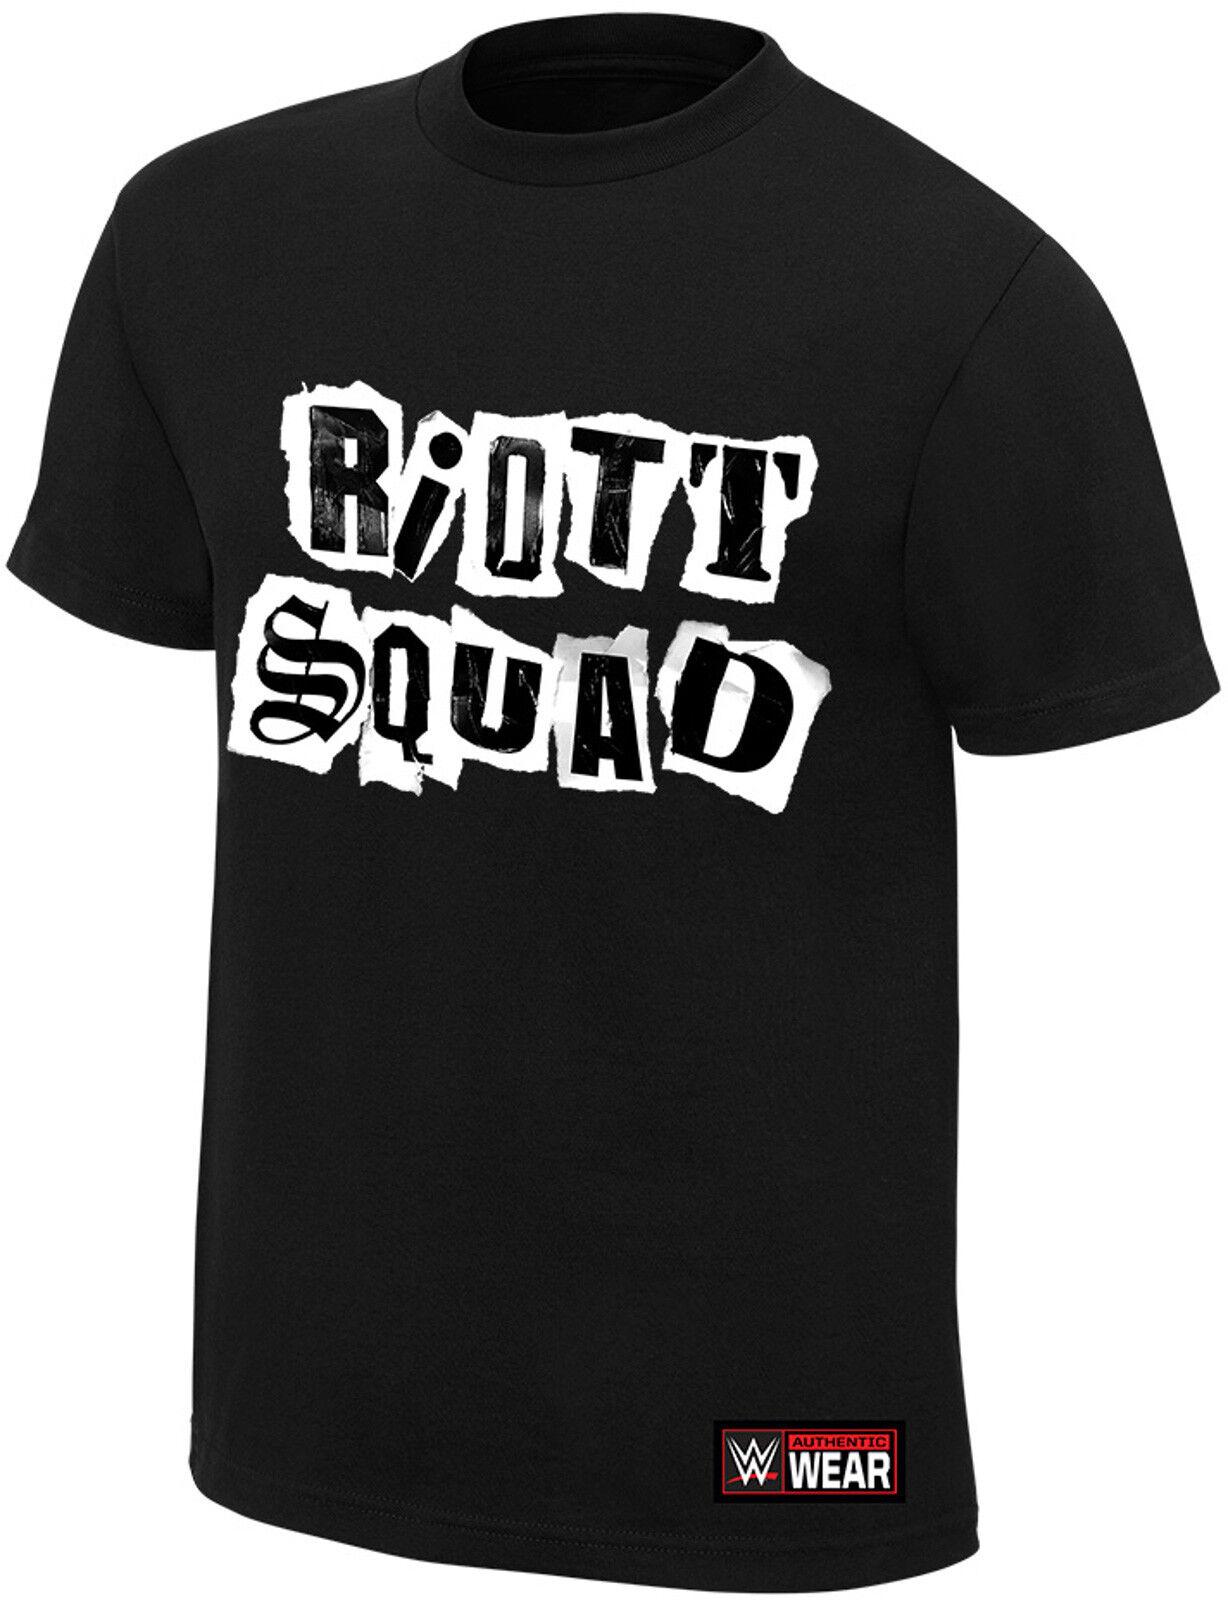 WWE RIOTT SQUAD SQUAD SQUAD We Win We Riott OFFICIAL AUTHENTIC T-SHIRT | Optimaler Preis  | Deutschland Outlet  | Starke Hitze- und Hitzebeständigkeit  911255